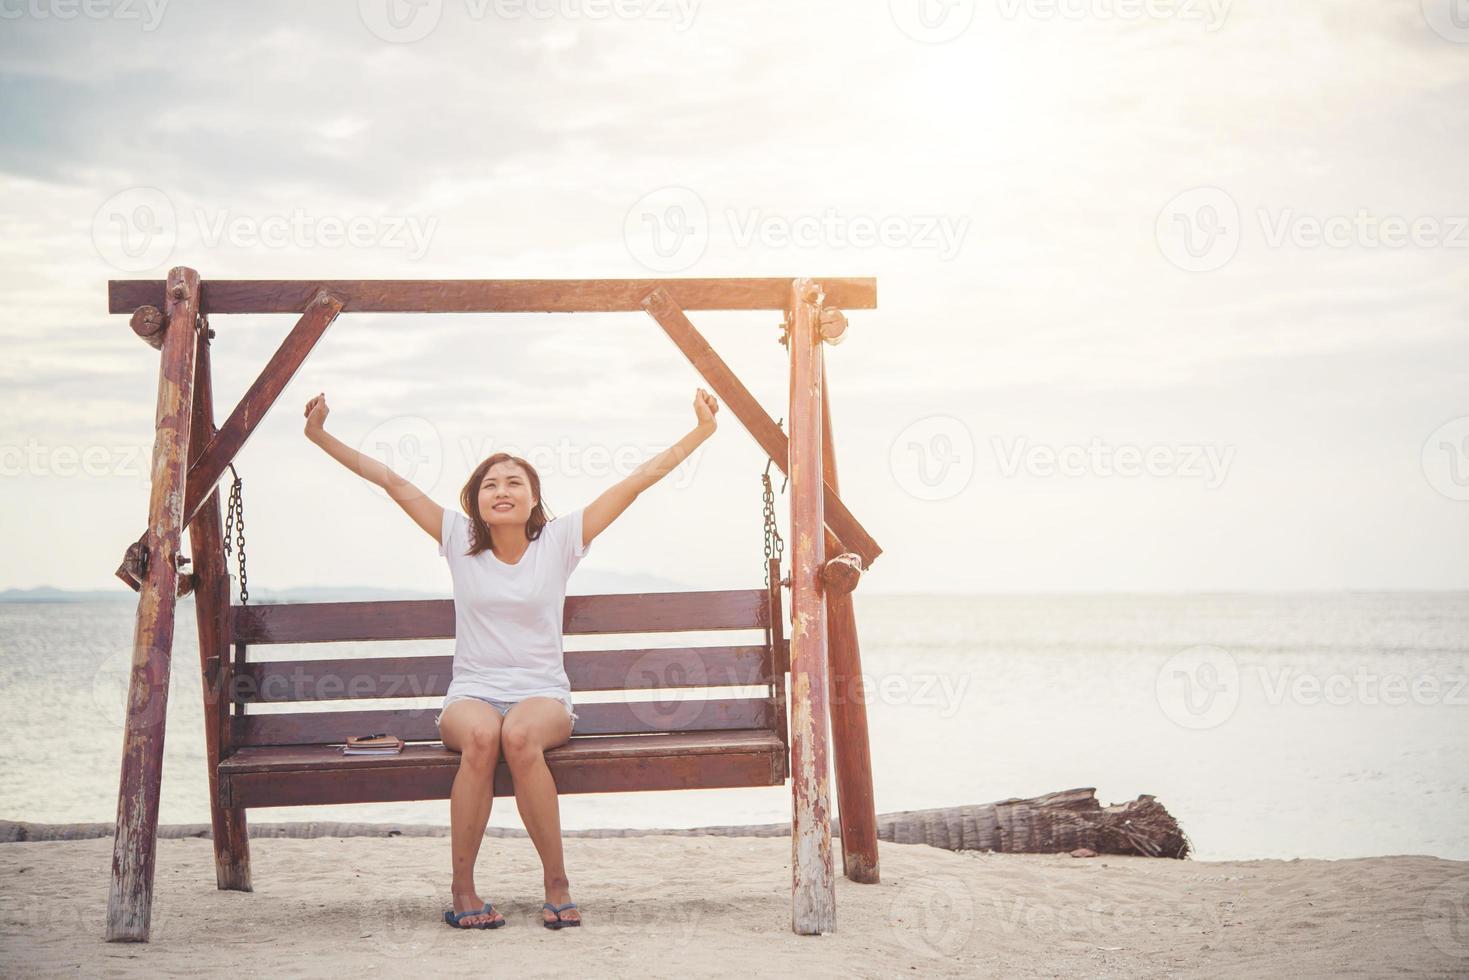 schöne Frau, die sich auf einer Schaukel am Strand ausdehnt foto